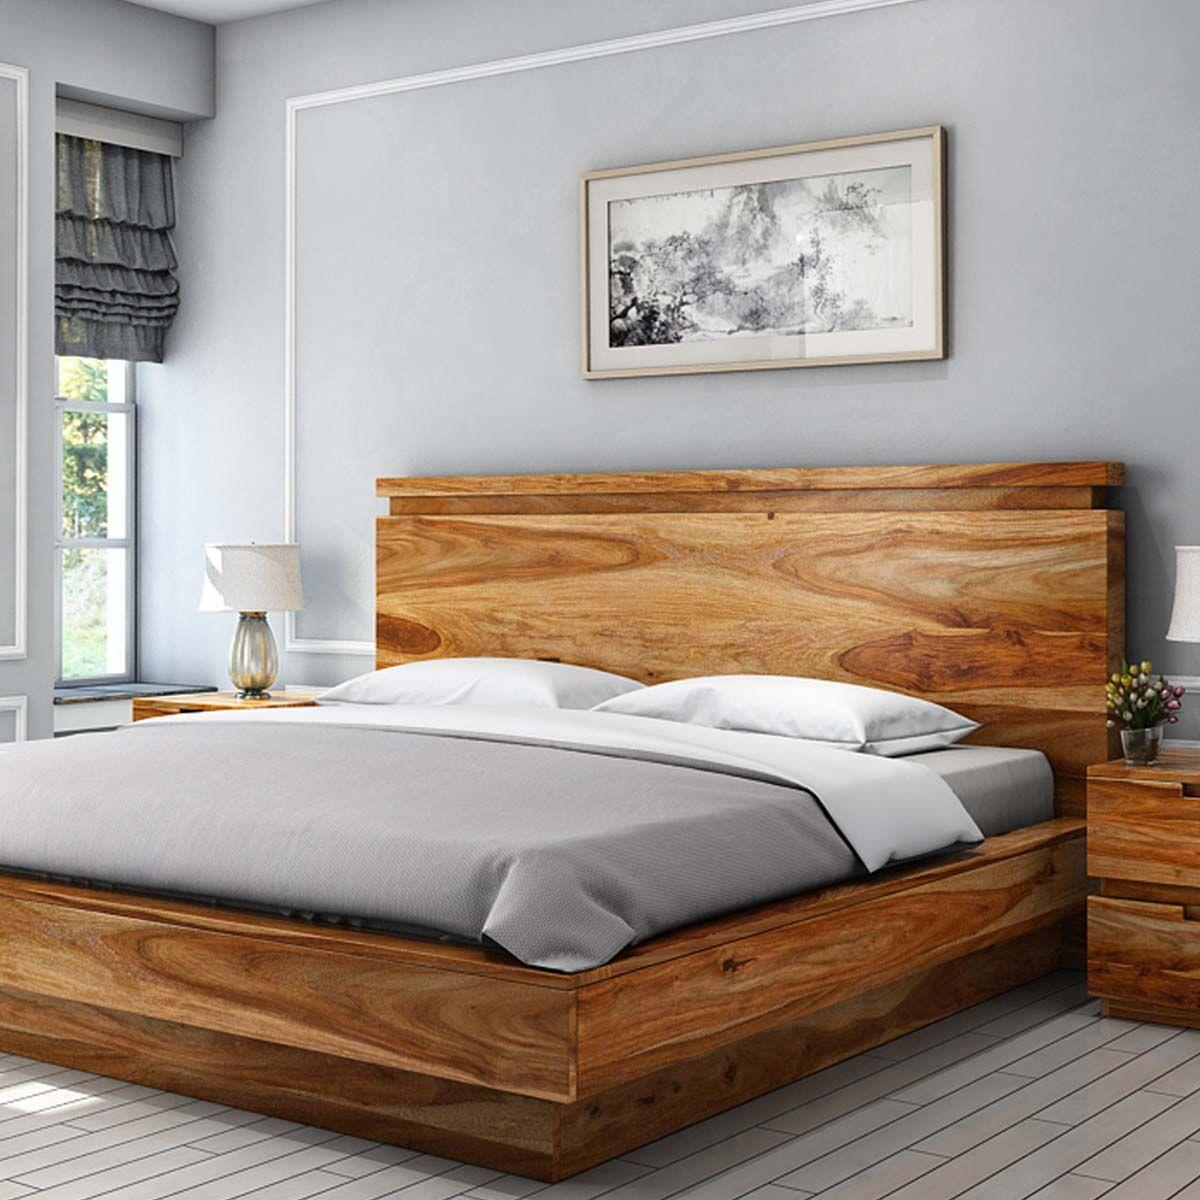 Modern Simplicity Solid Wood Platform Bed Frame in 2021   Bed design modern, Platform bed ...